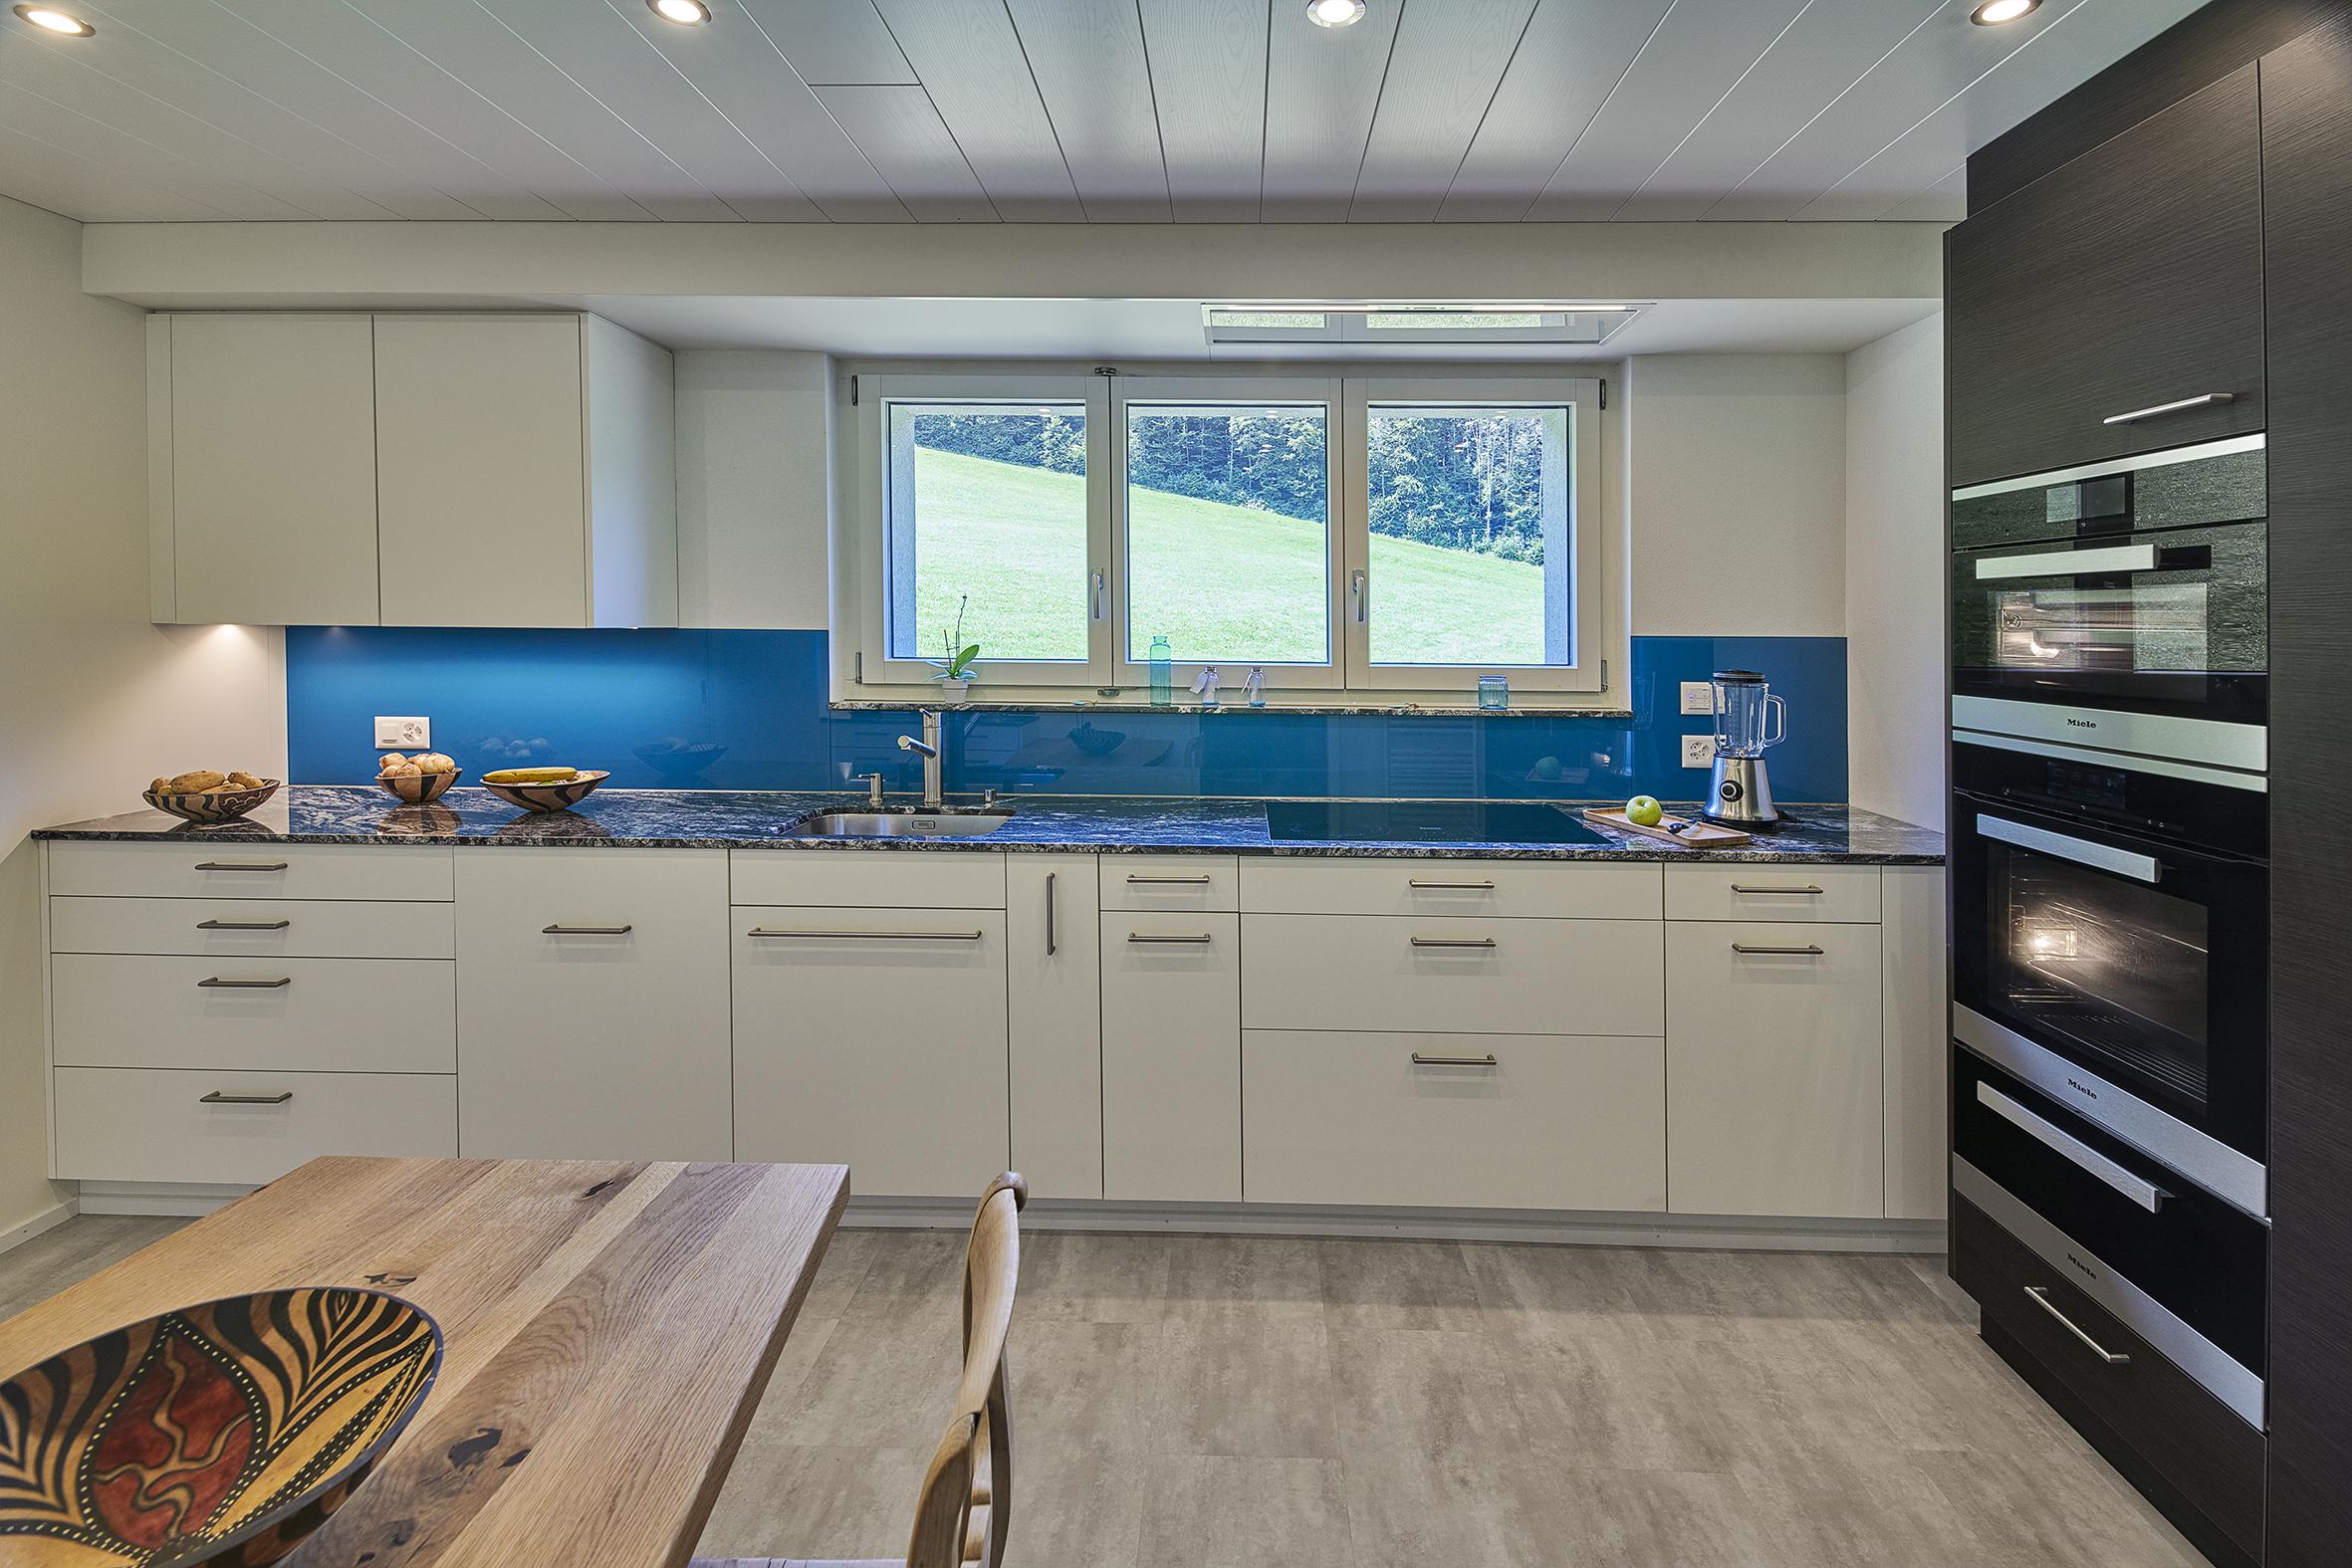 Schreinerei Specker, Küche, weiss, blau